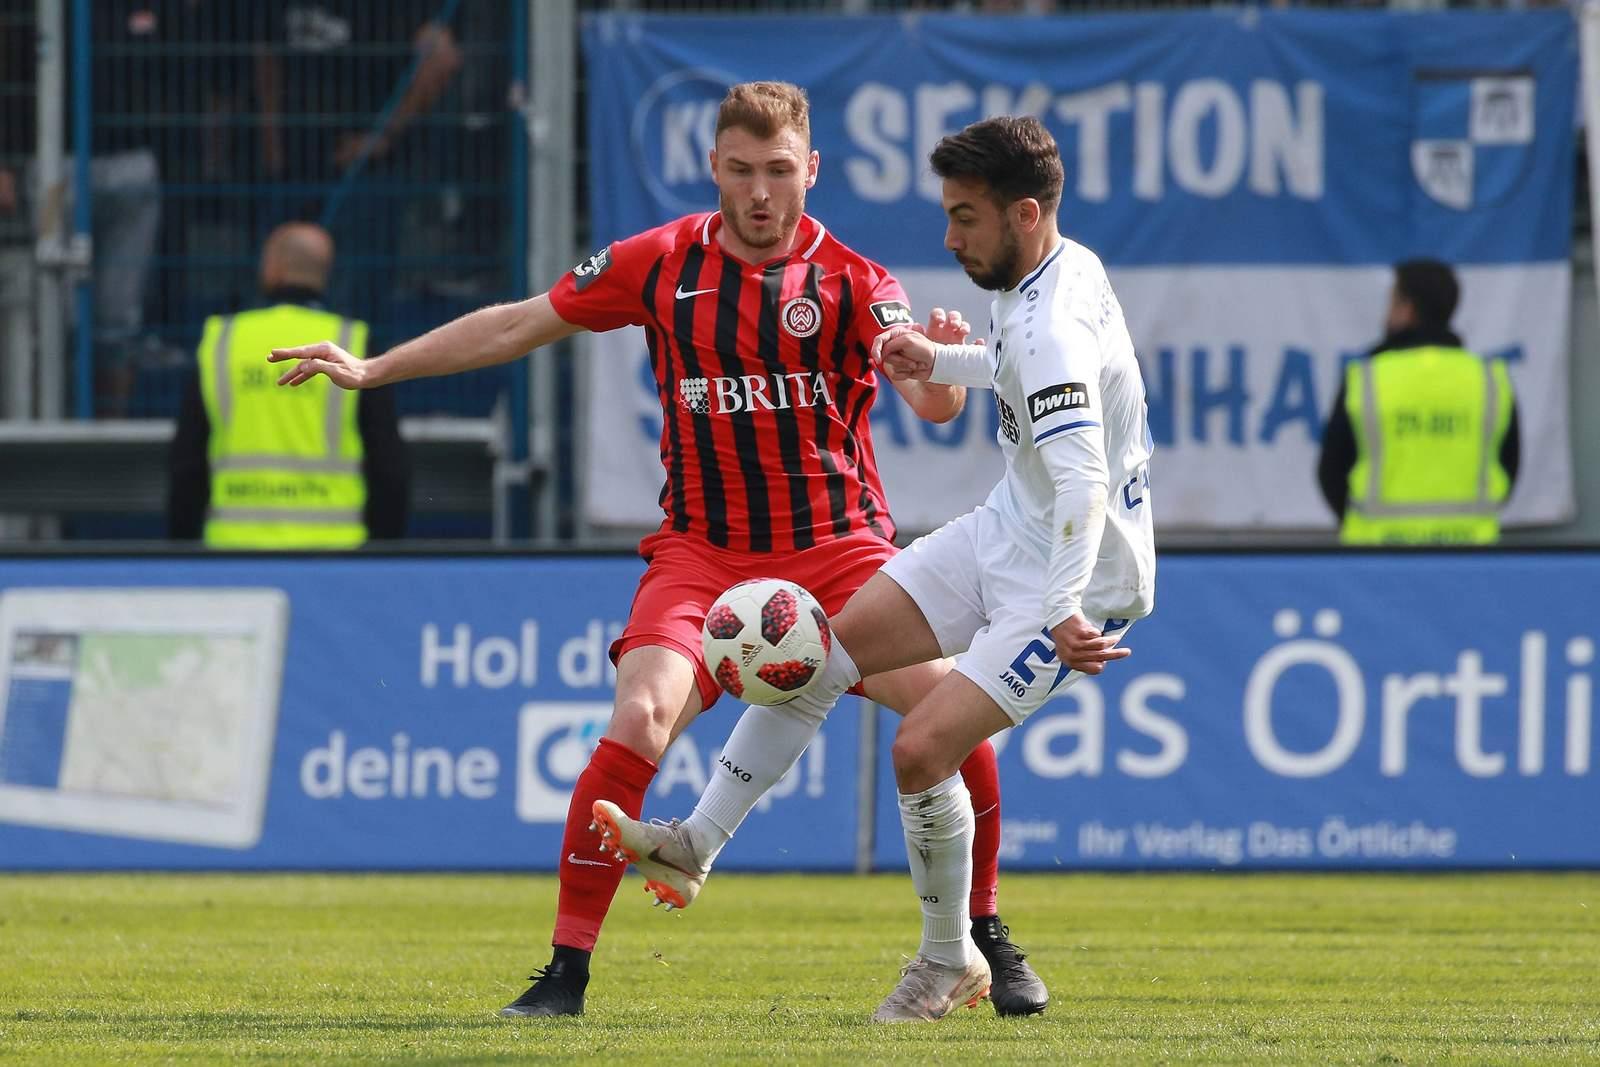 Maximilian Dittgen von Wehen Wiesbaden gegen Burak Camoglu vom KSC